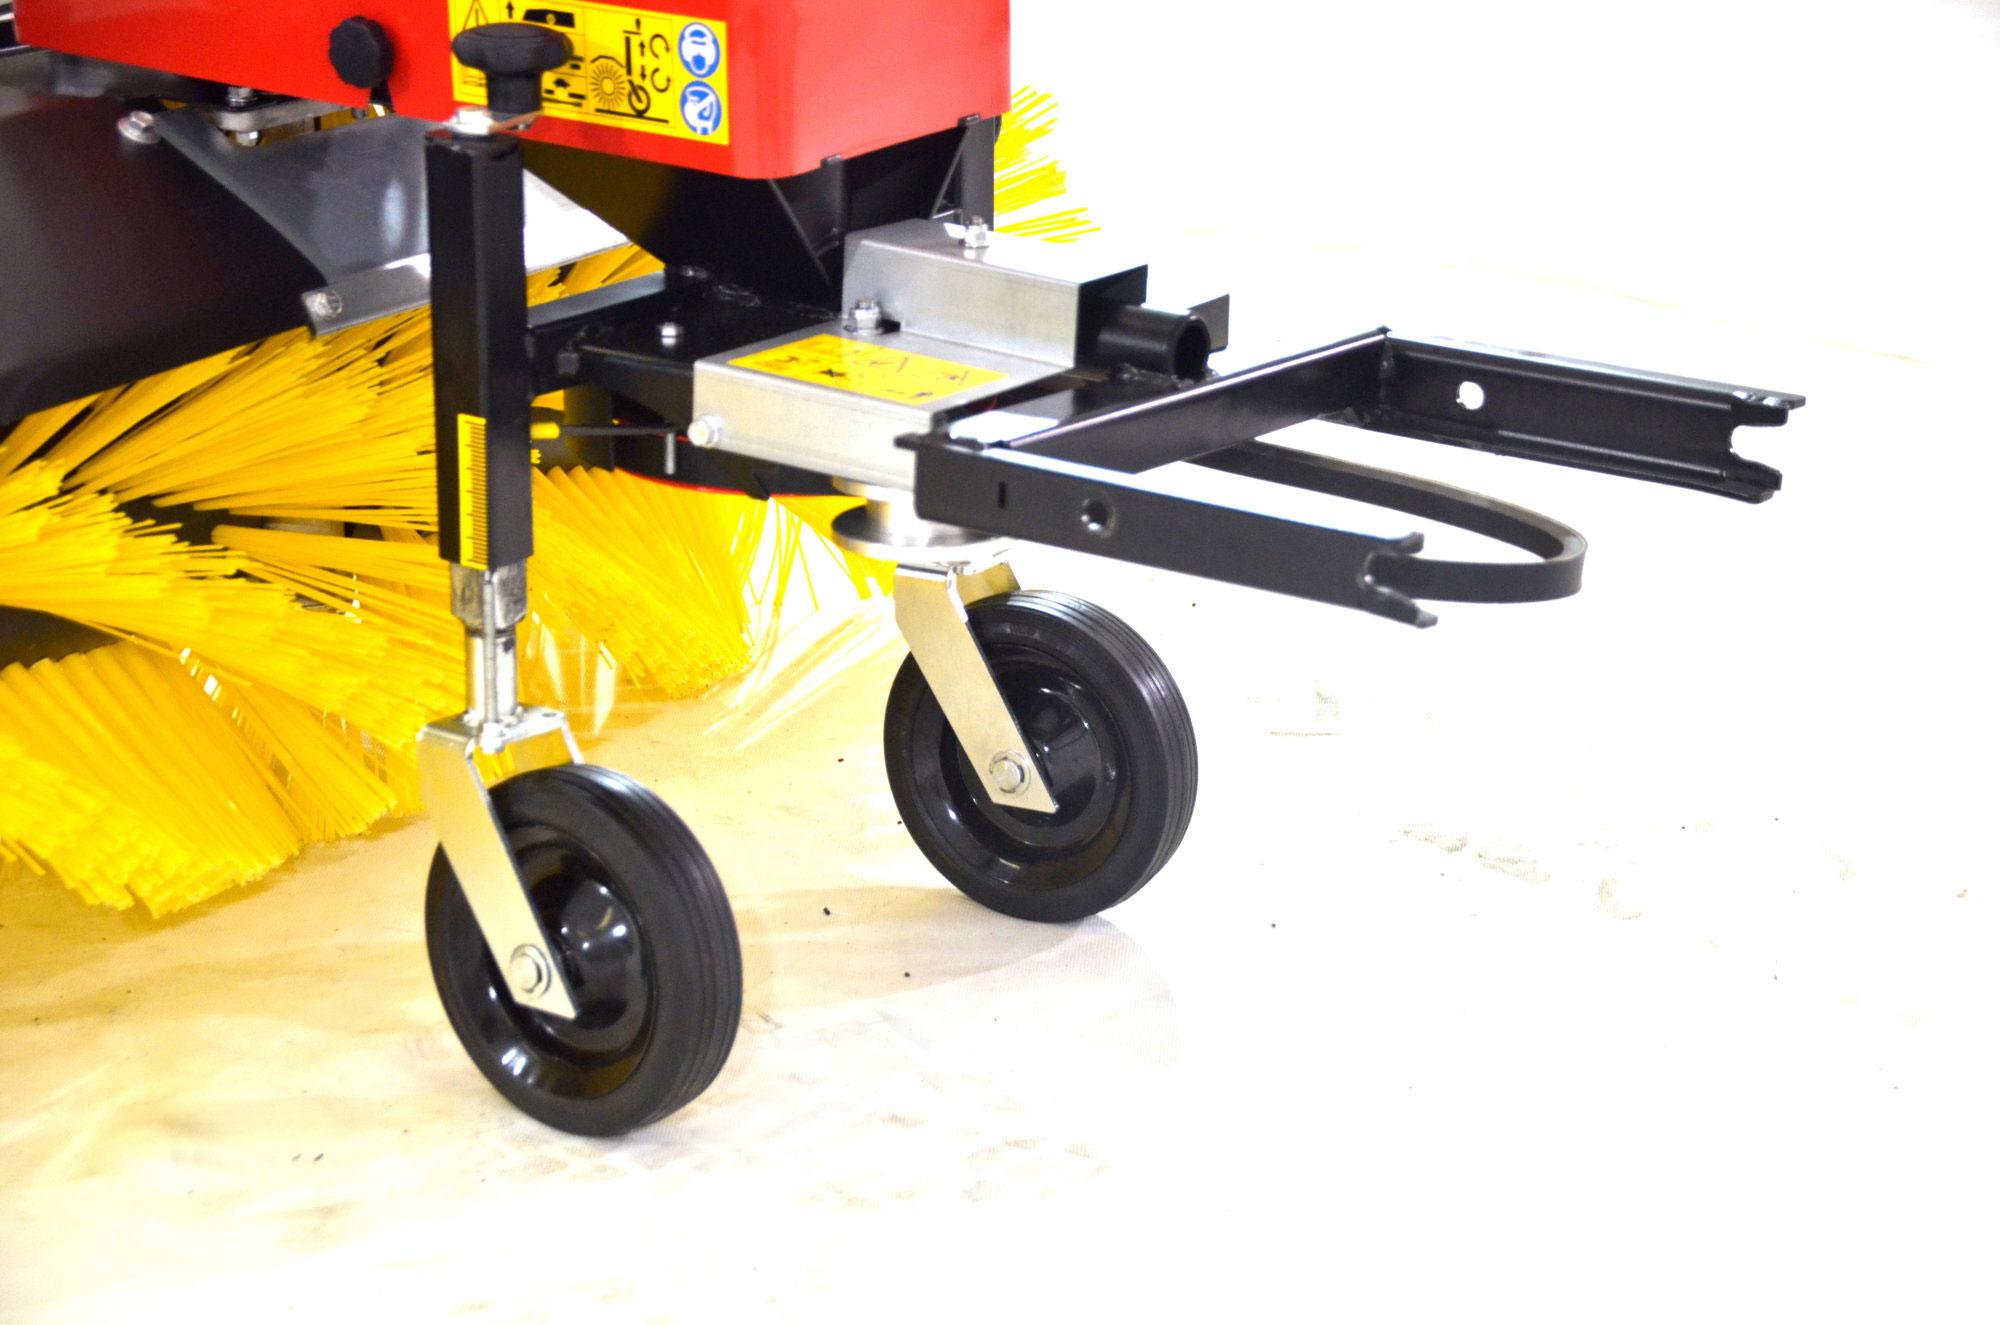 Anbau Kehrbürste RKV 1000 für Motoreinachser Raptor Breite 100cm Bild 3